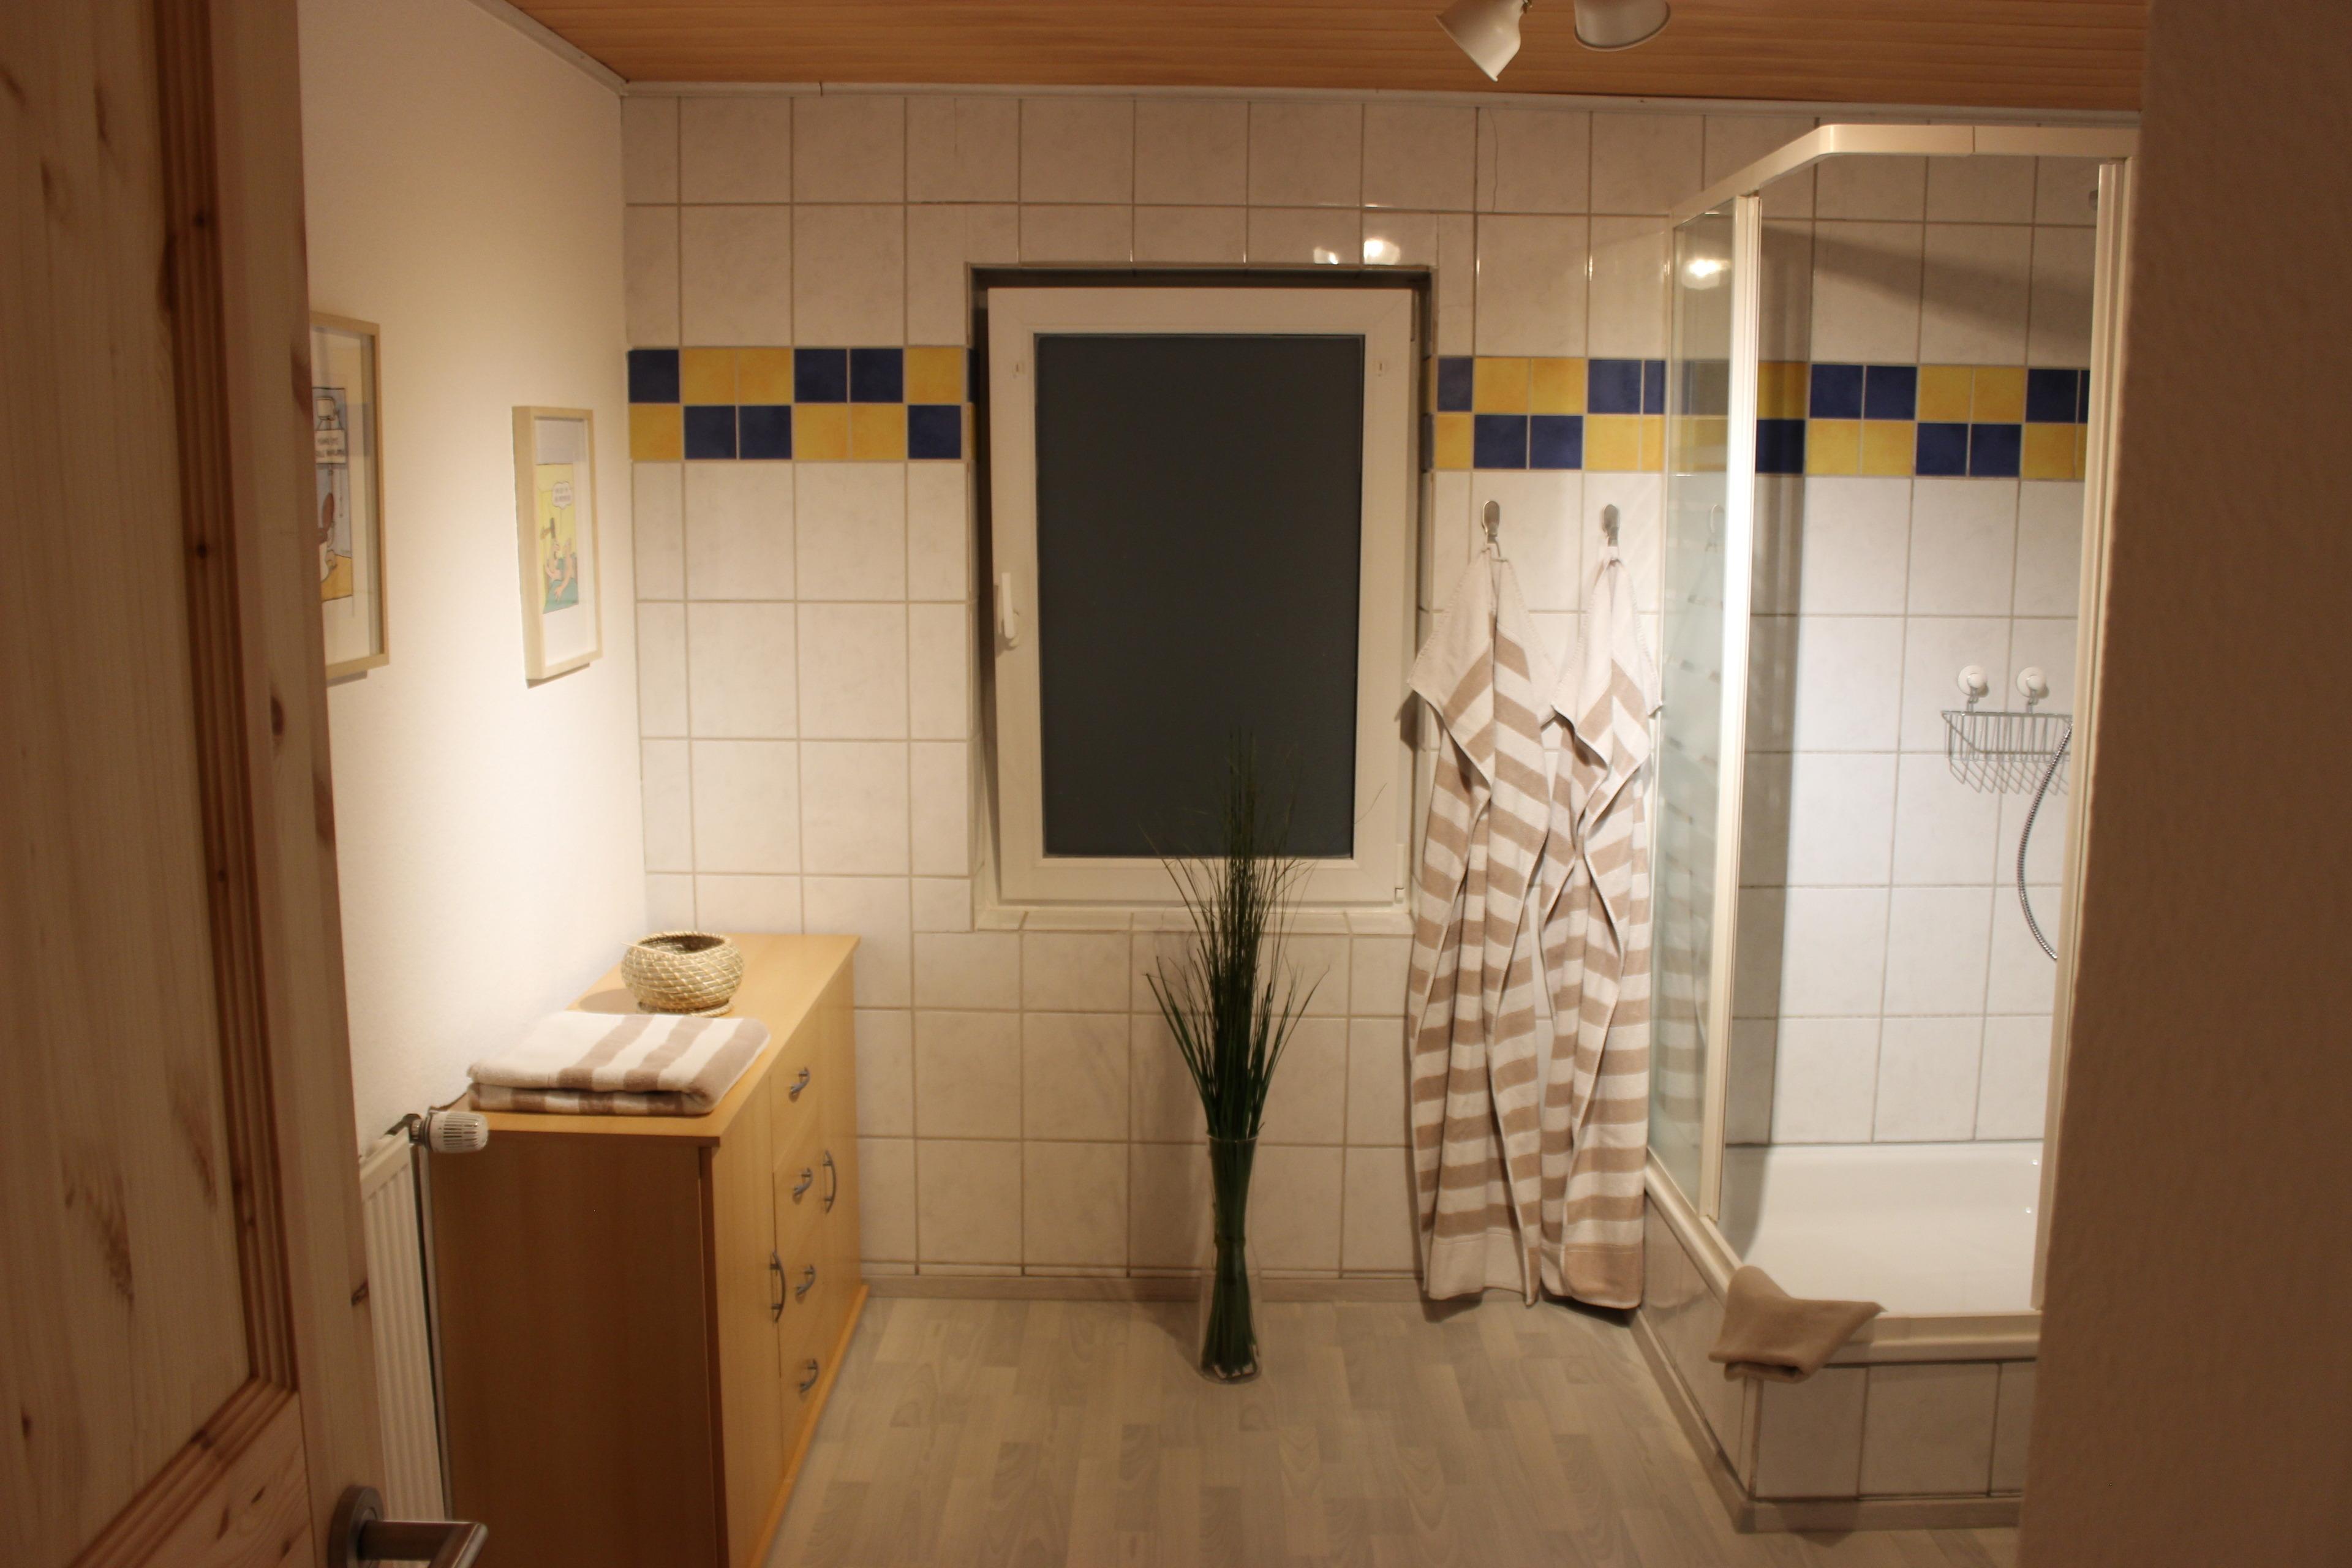 Ferienwohnung Apartment am Hirtenweg (003) (2551858), Kassel, Nordhessen, Hessen, Deutschland, Bild 10